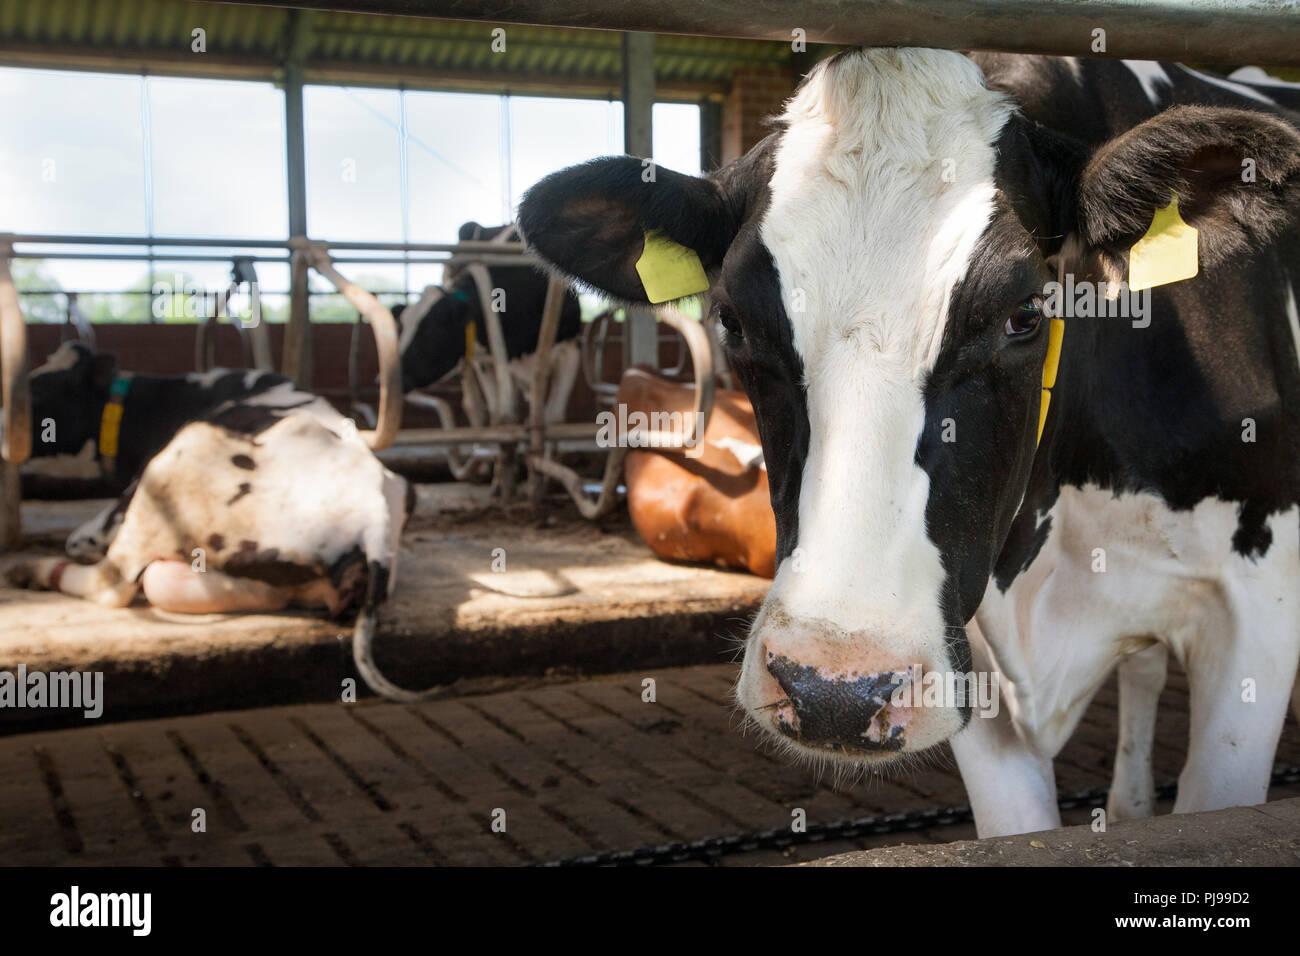 Milchviehstall mit Milchkuh im Vordergrund - Stock Image